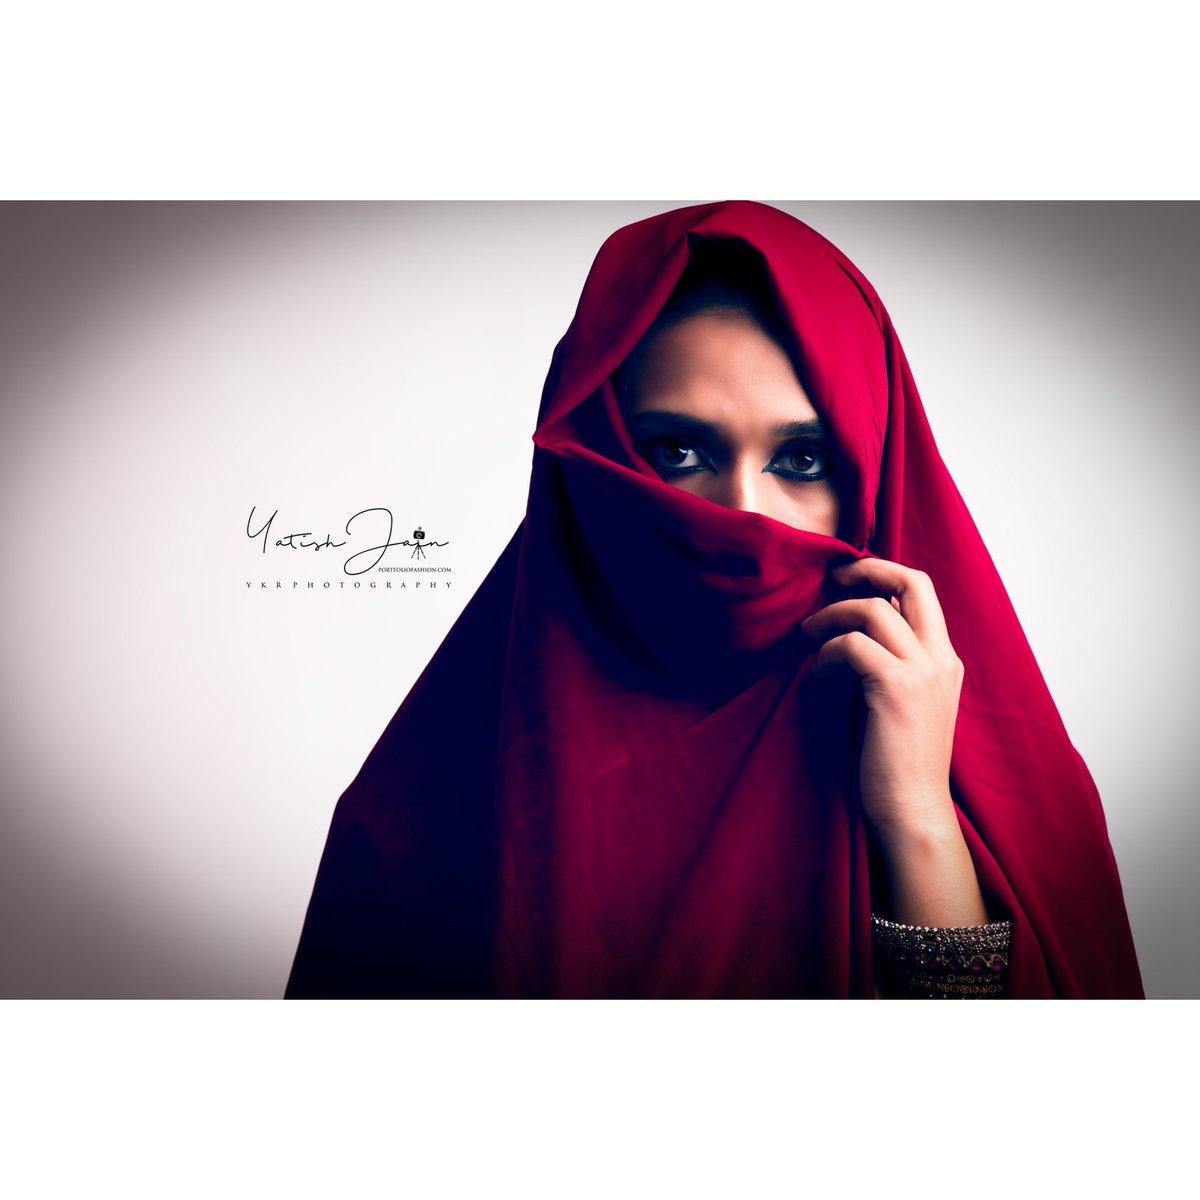 #ykr #ykrphotography #modelingshoot #model_potrait #modelingagencies #modellingphotography #models #bangaloremodel #bangalorephotgrapher #potraitmood #potraitmaking #grace #style #femalemodel #femalemodelbangalore #bangaloreimages #photography #photoshoot #photographer...pic.twitter.com/eDBG4jSV2F